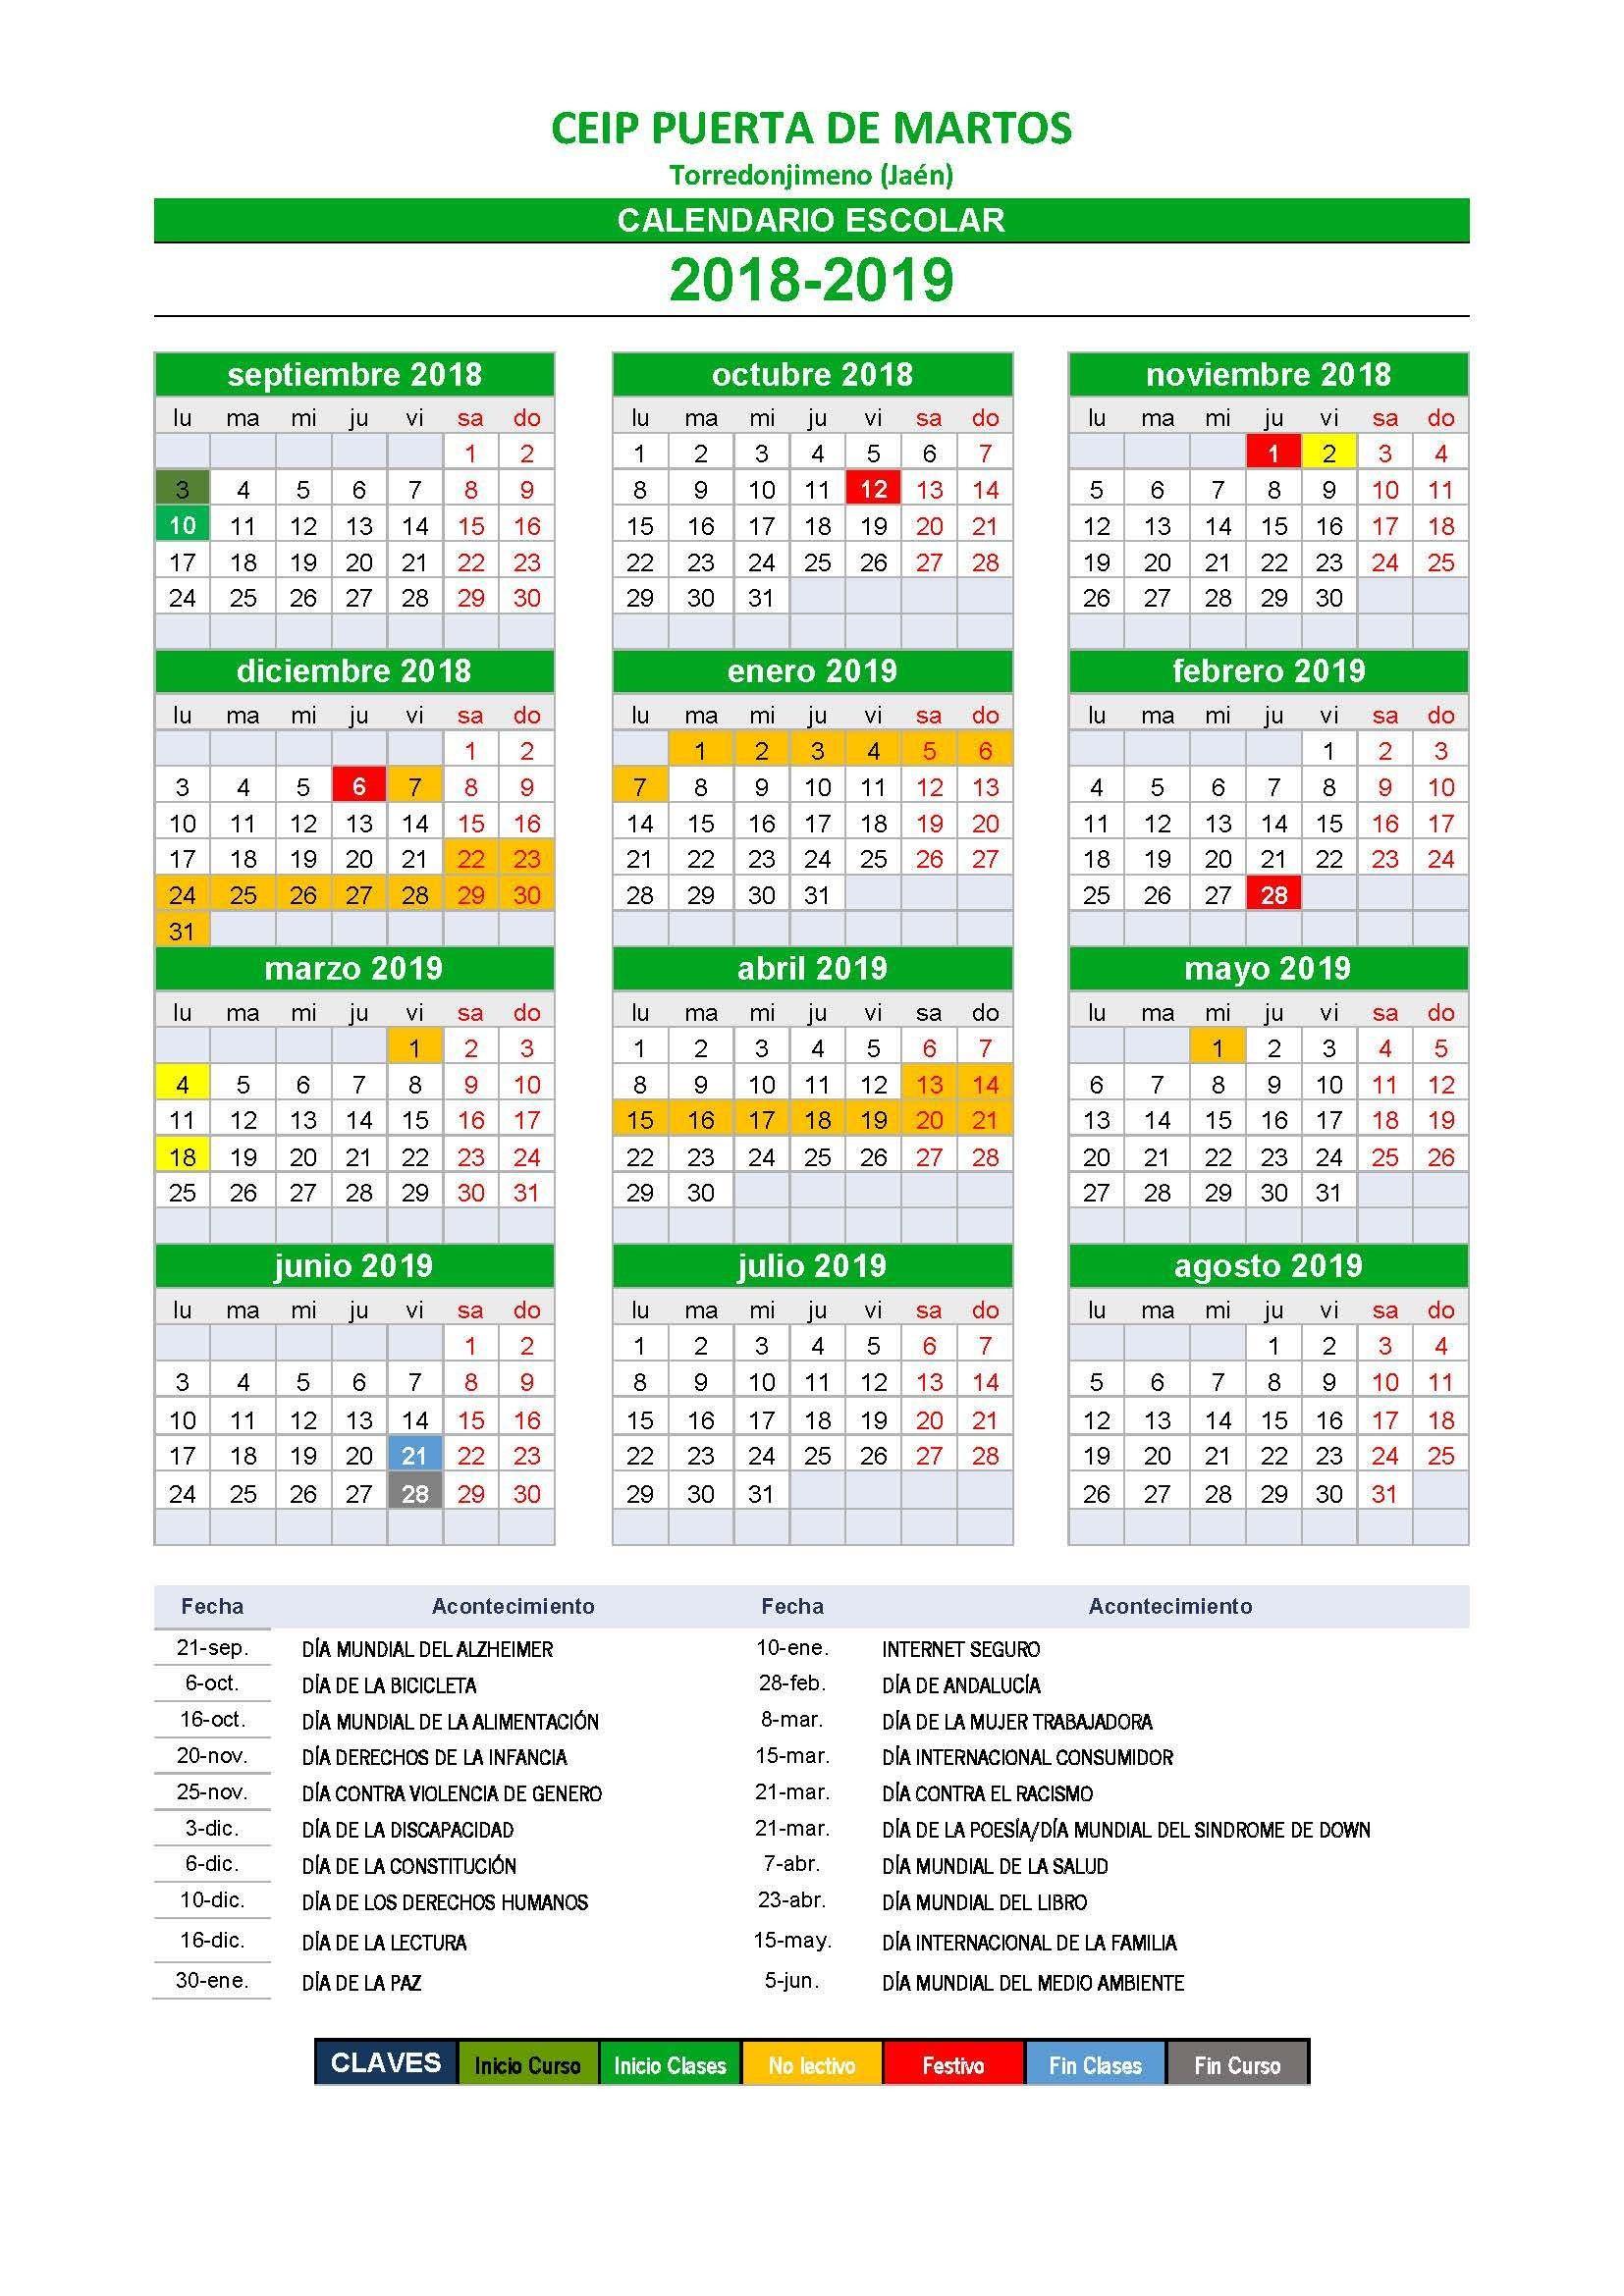 Calendario Wscolar 2019 Más Arriba-a-fecha Calendario Escolar 2018 2019 Of Calendario Wscolar 2019 Más Recientes Calendario Académico 2018 2019 Consmucan